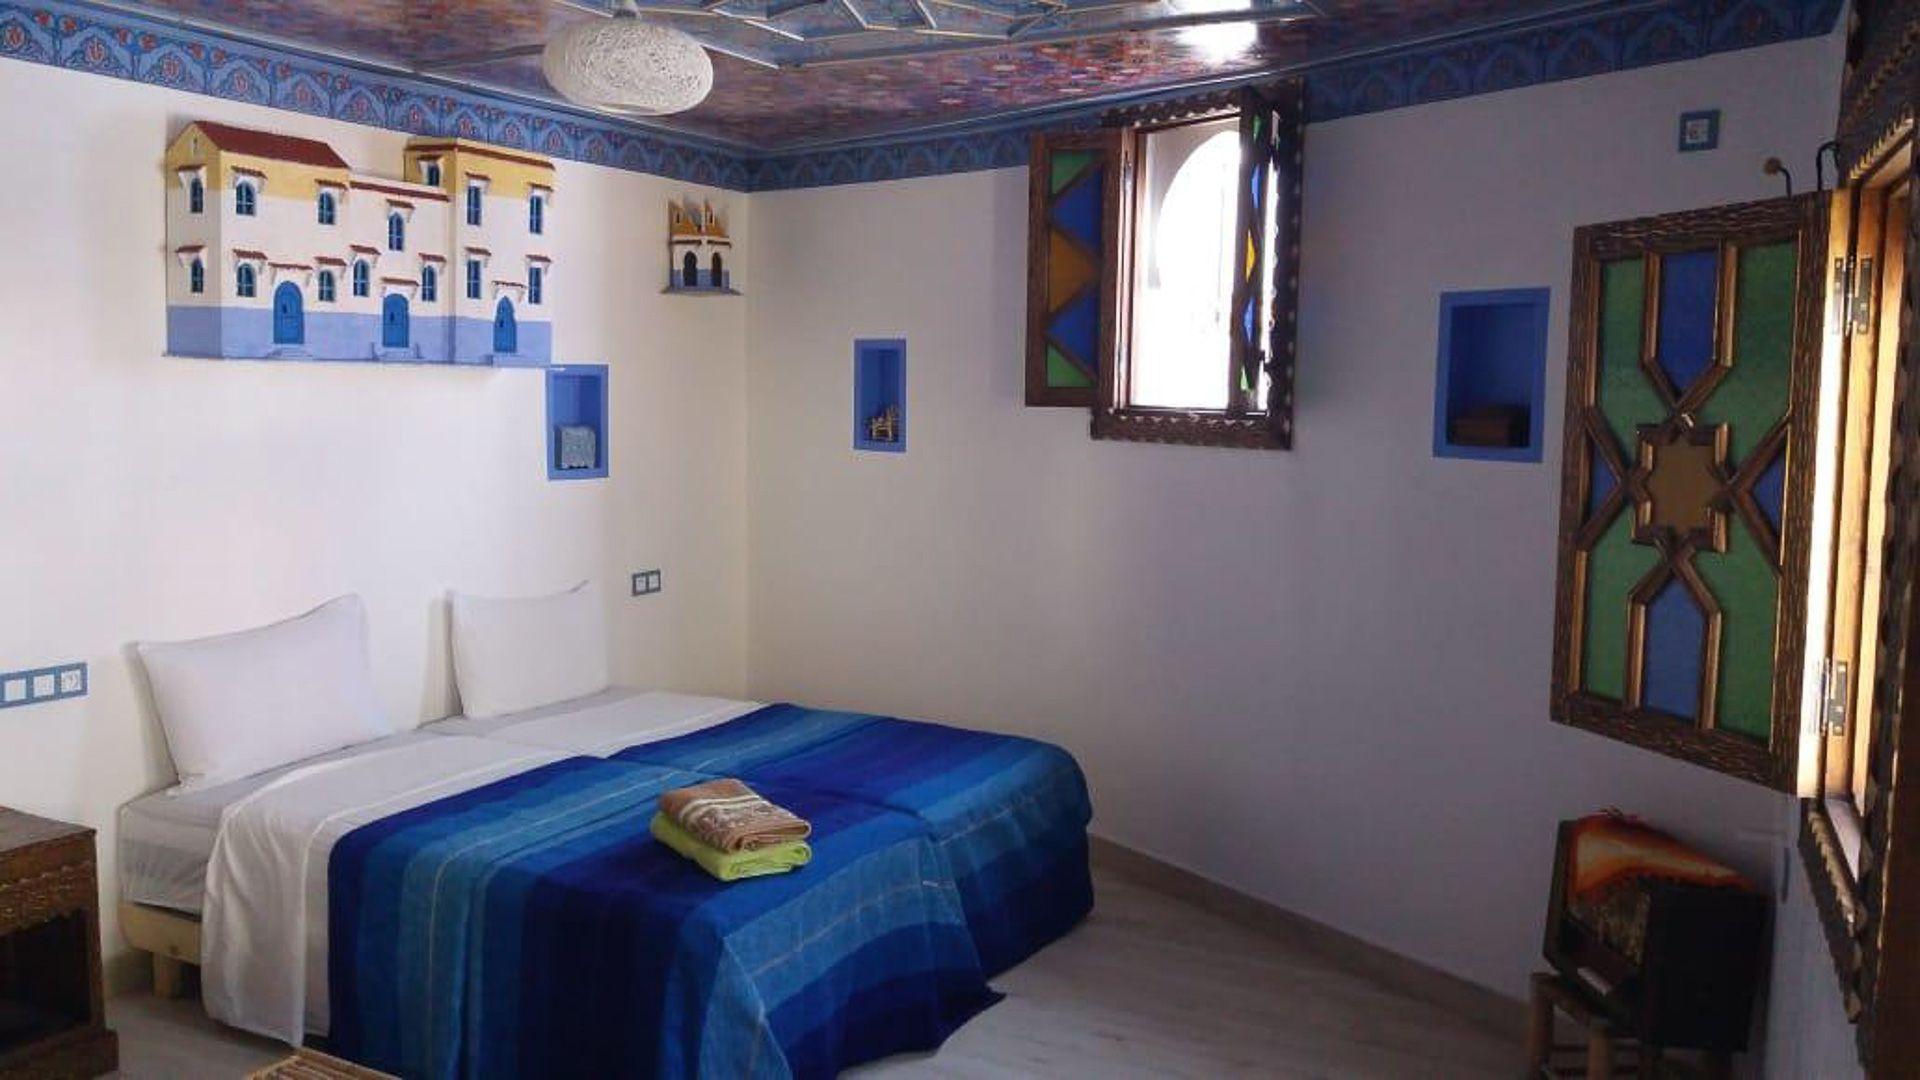 Le quitte et double de l'hébergement touristique à Fez